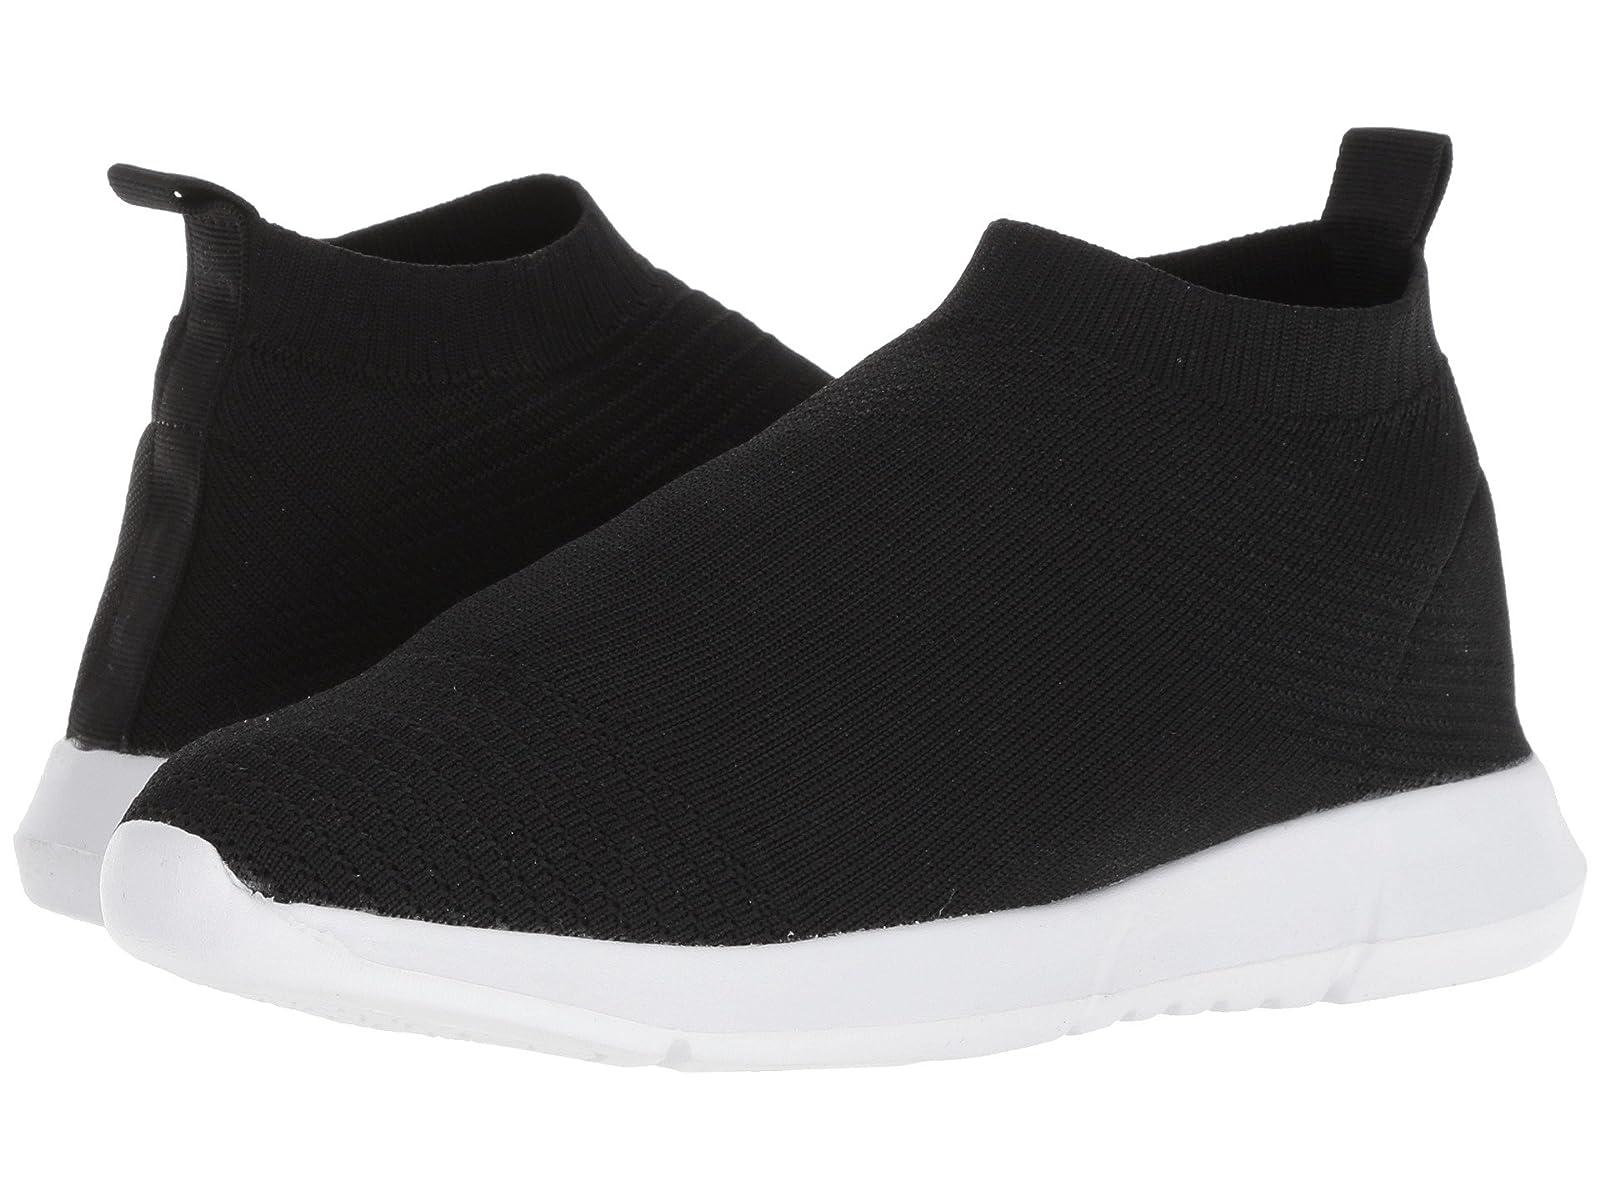 Steven FabsAtmospheric grades have affordable shoes